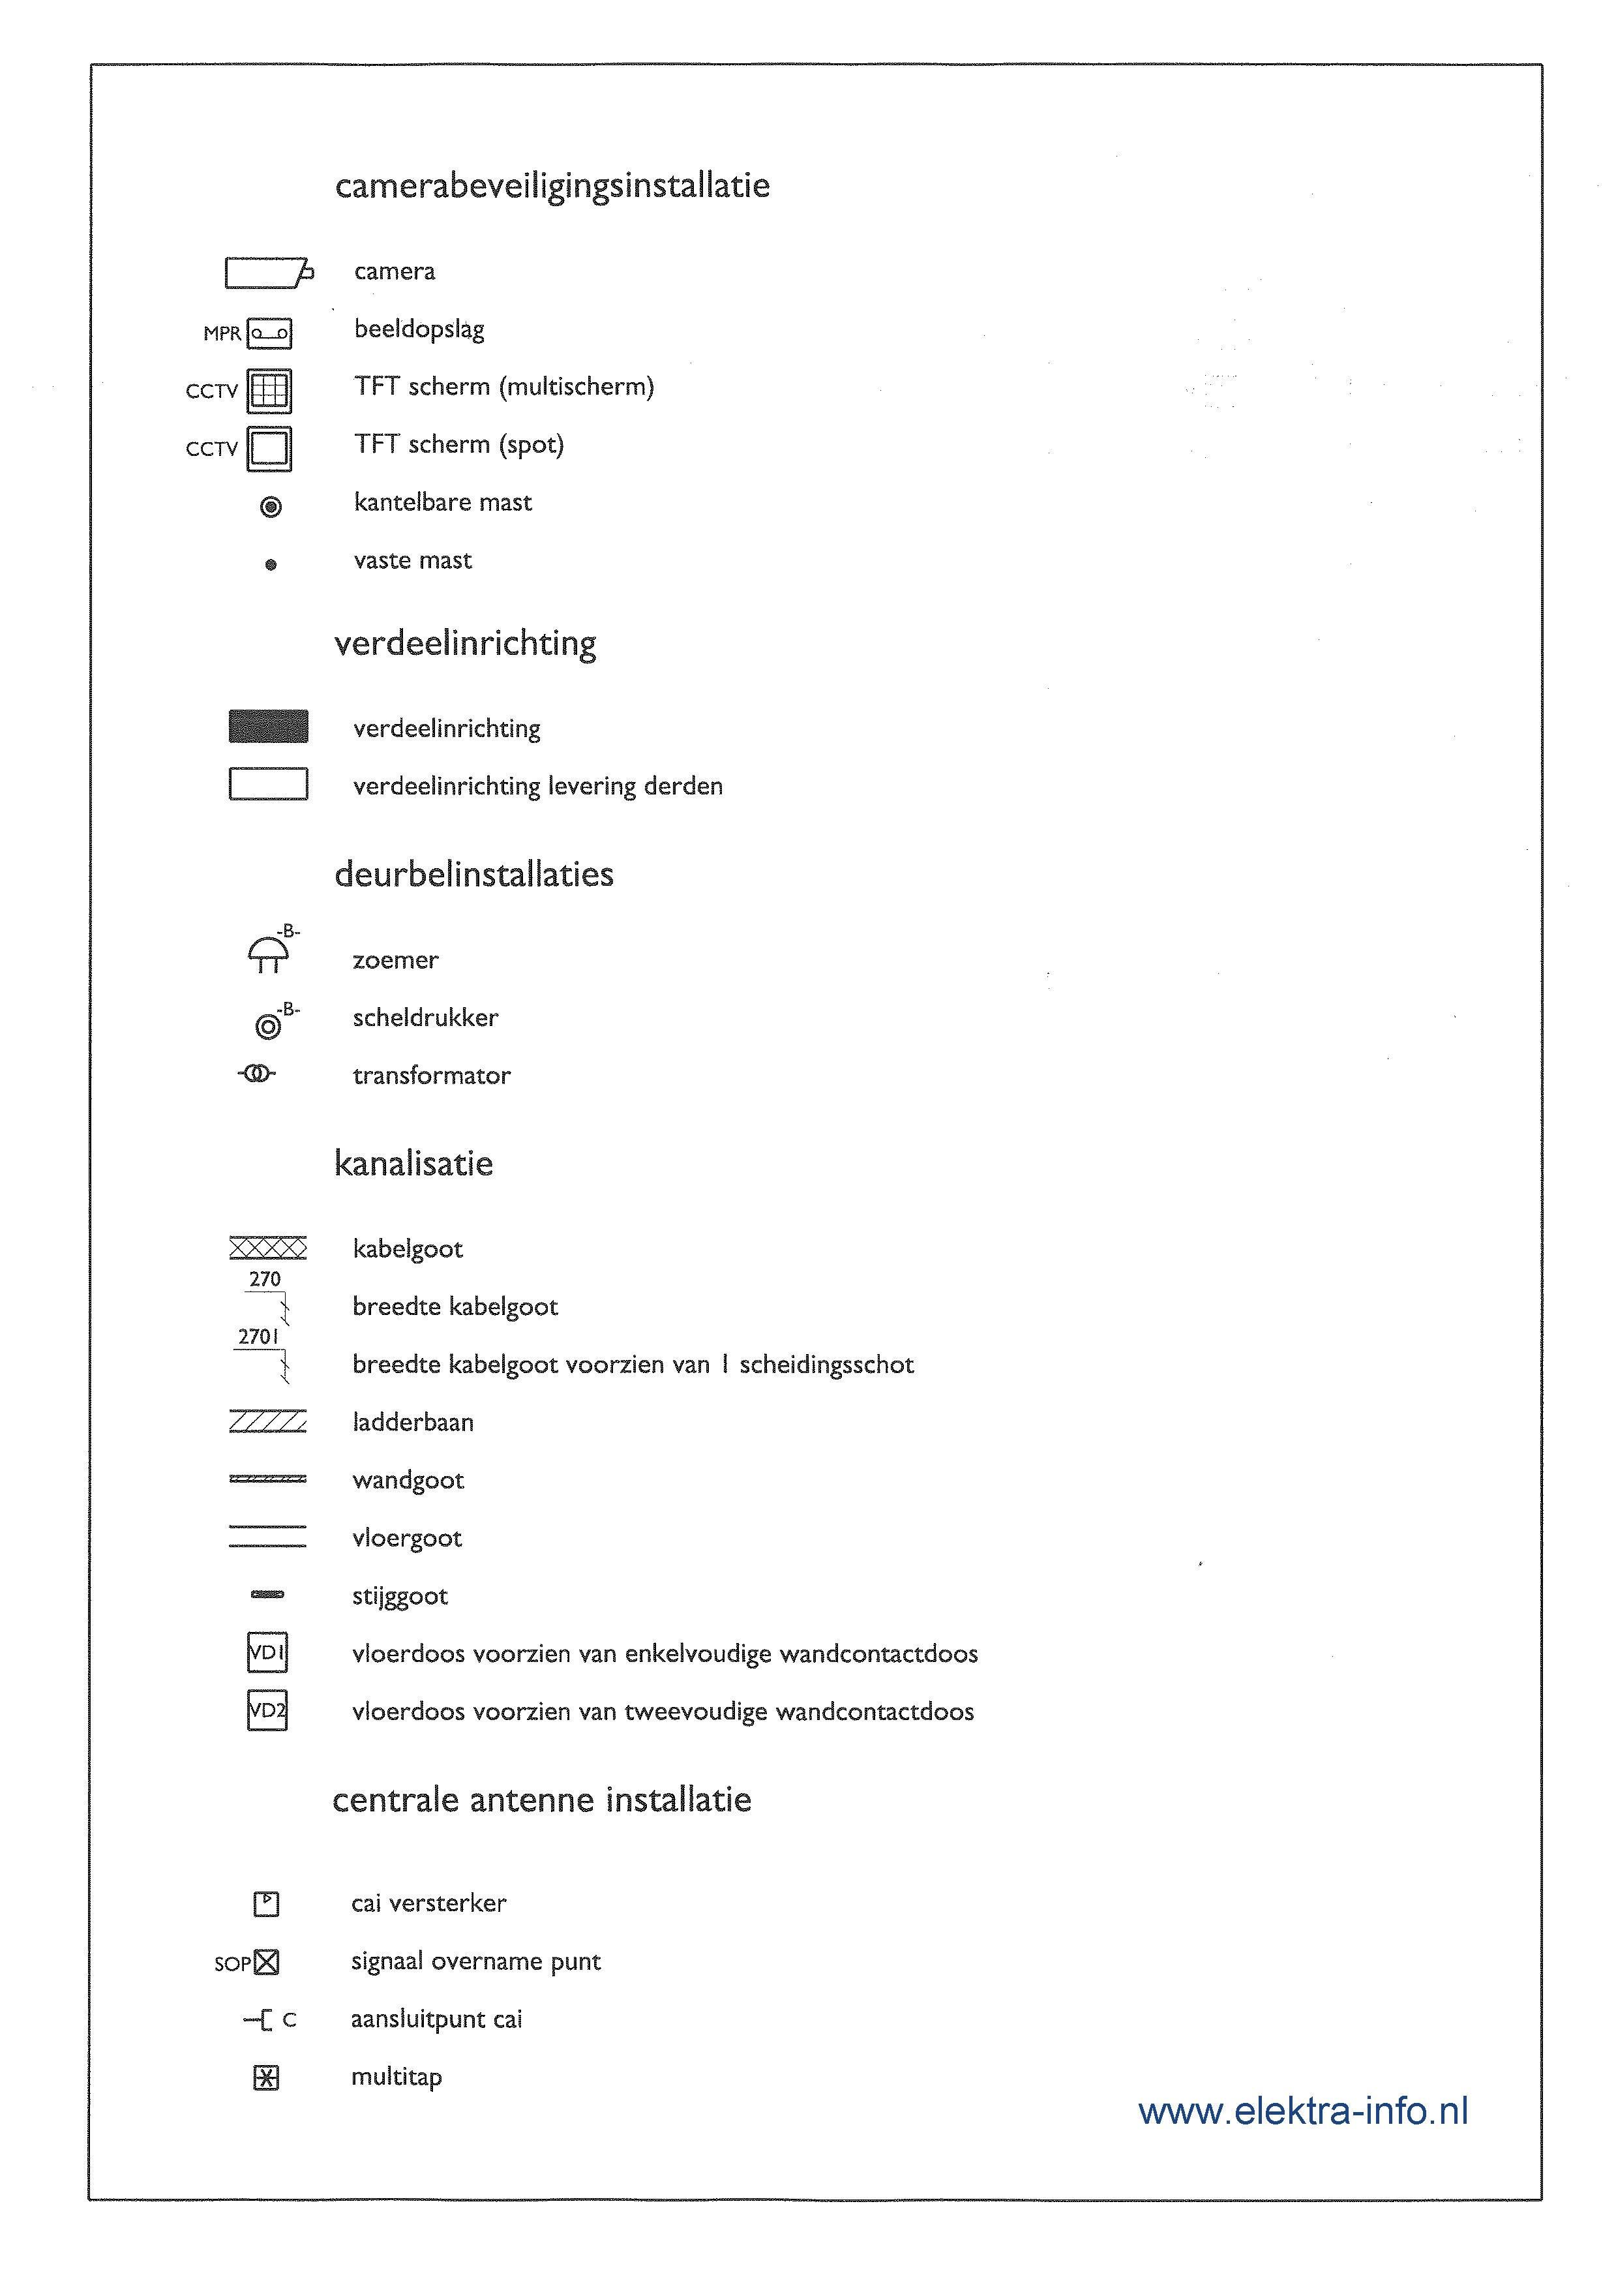 Betekenis elektriciteit of elektra symbool | Elektra-info.nl